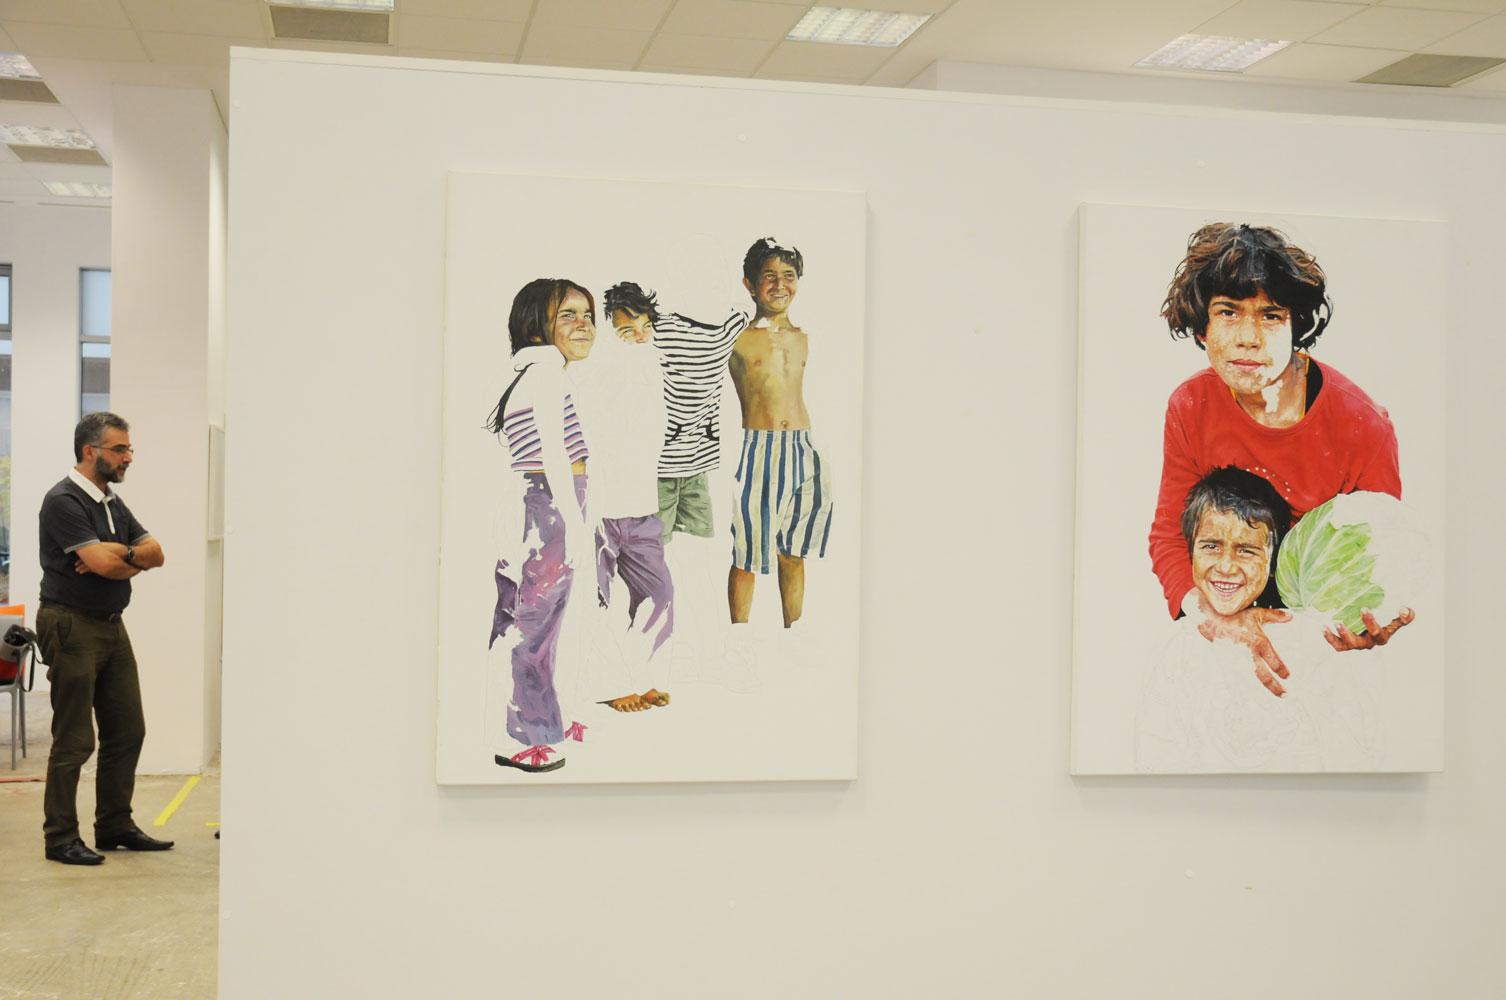 Daniel Brici, solo show Copiii care nu se vad @ Nasui collection & gallery Bucuresti (3)